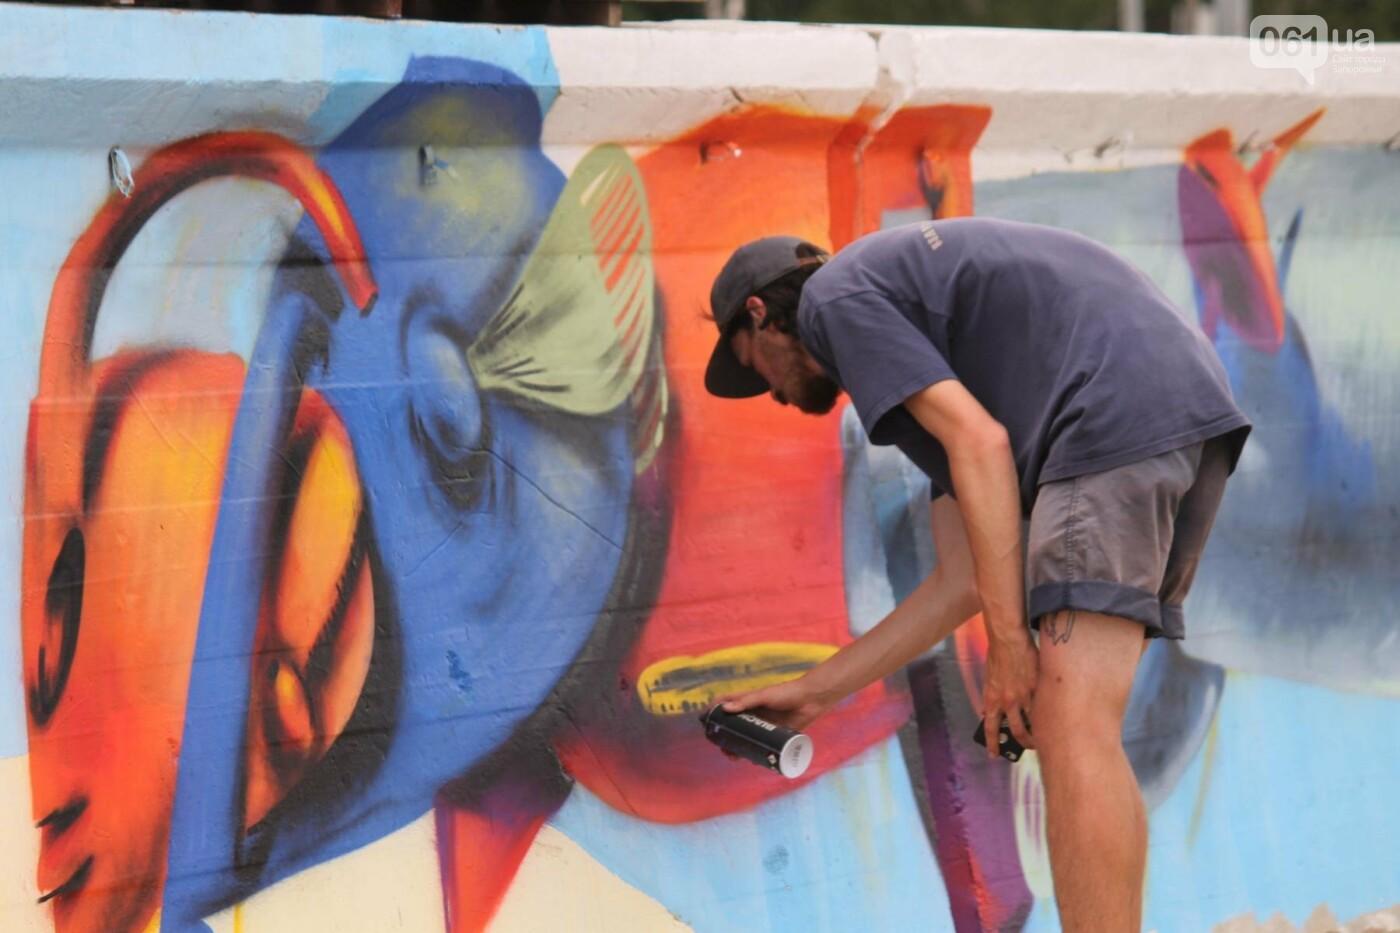 В Запорожье на пляже закончился фестиваль граффити: разрисовали 150 метров бетонной стены, – ФОТОРЕПОРТАЖ, фото-26